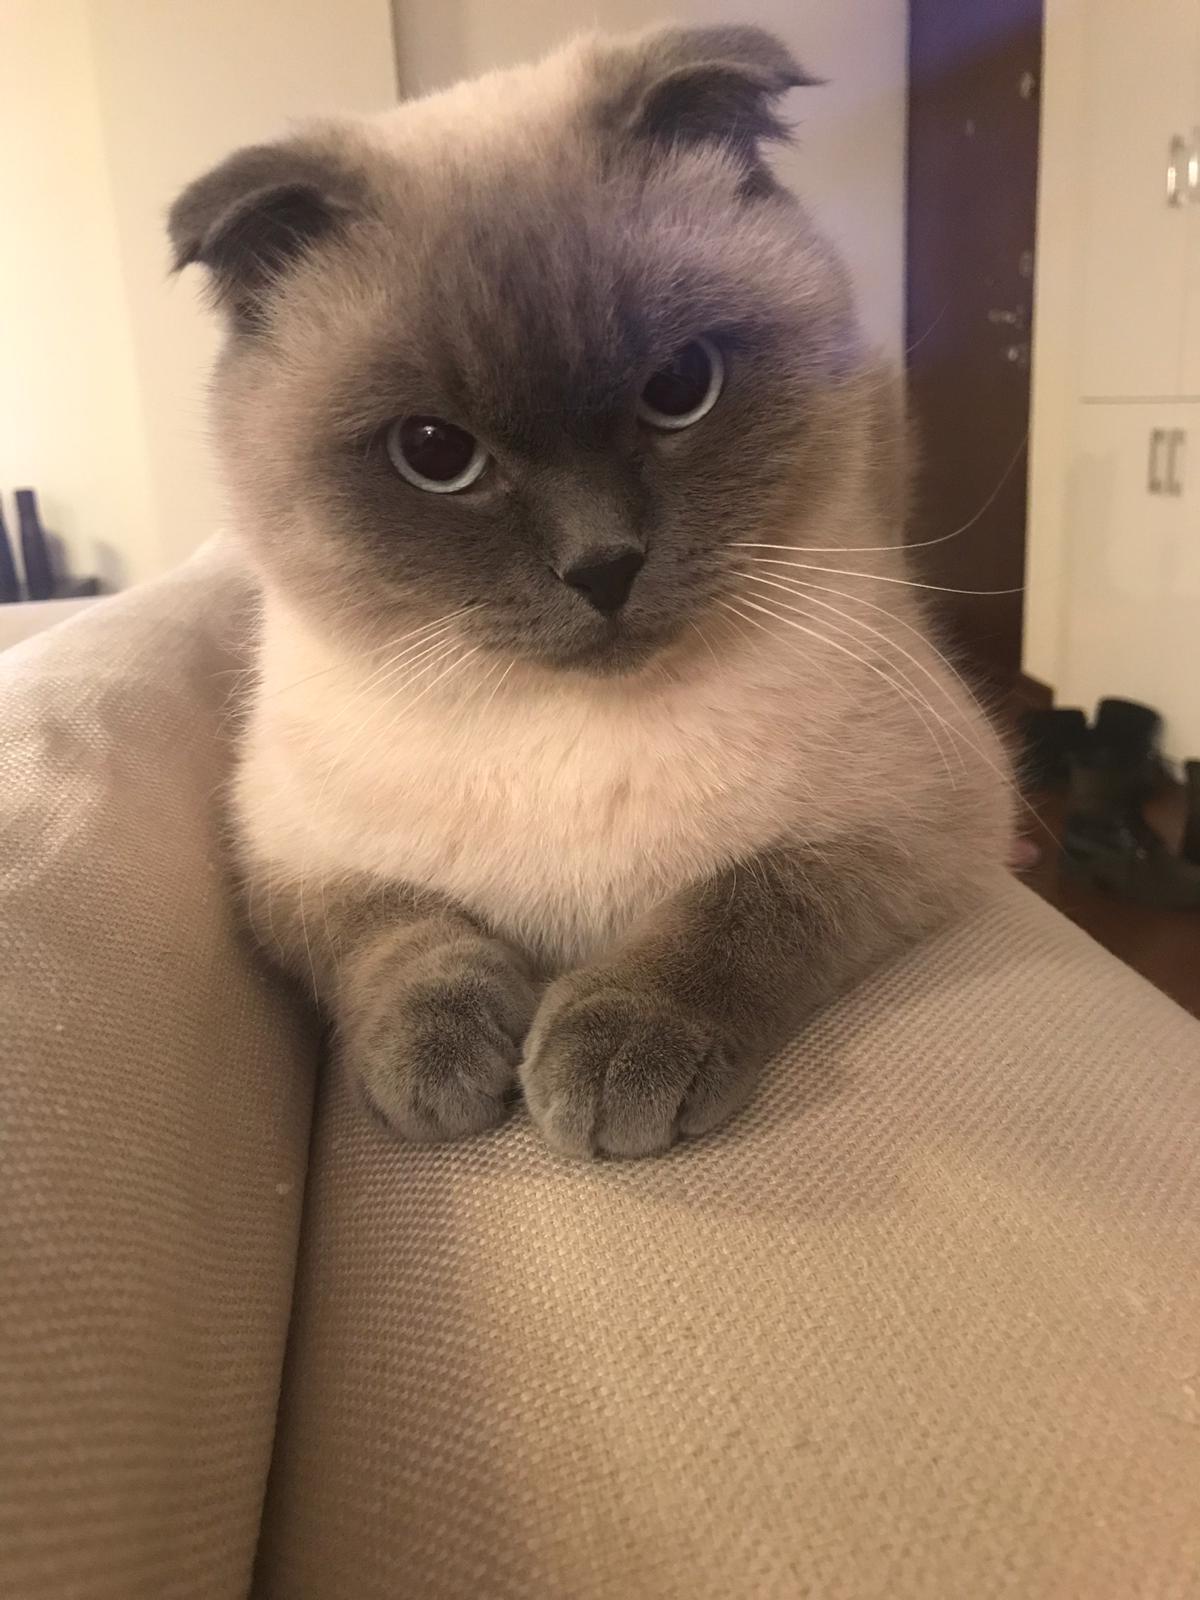 Kedinizin zehirlendiğini fark ettiğiniz anda hemen kahve ile tütünü karıştırıp su ile ıslatarak kedinizin boğazına sürebilirsiniz. Kedinize yapacağınız ilk müdahaleden sonra hemen veterinere gitmelisiniz.